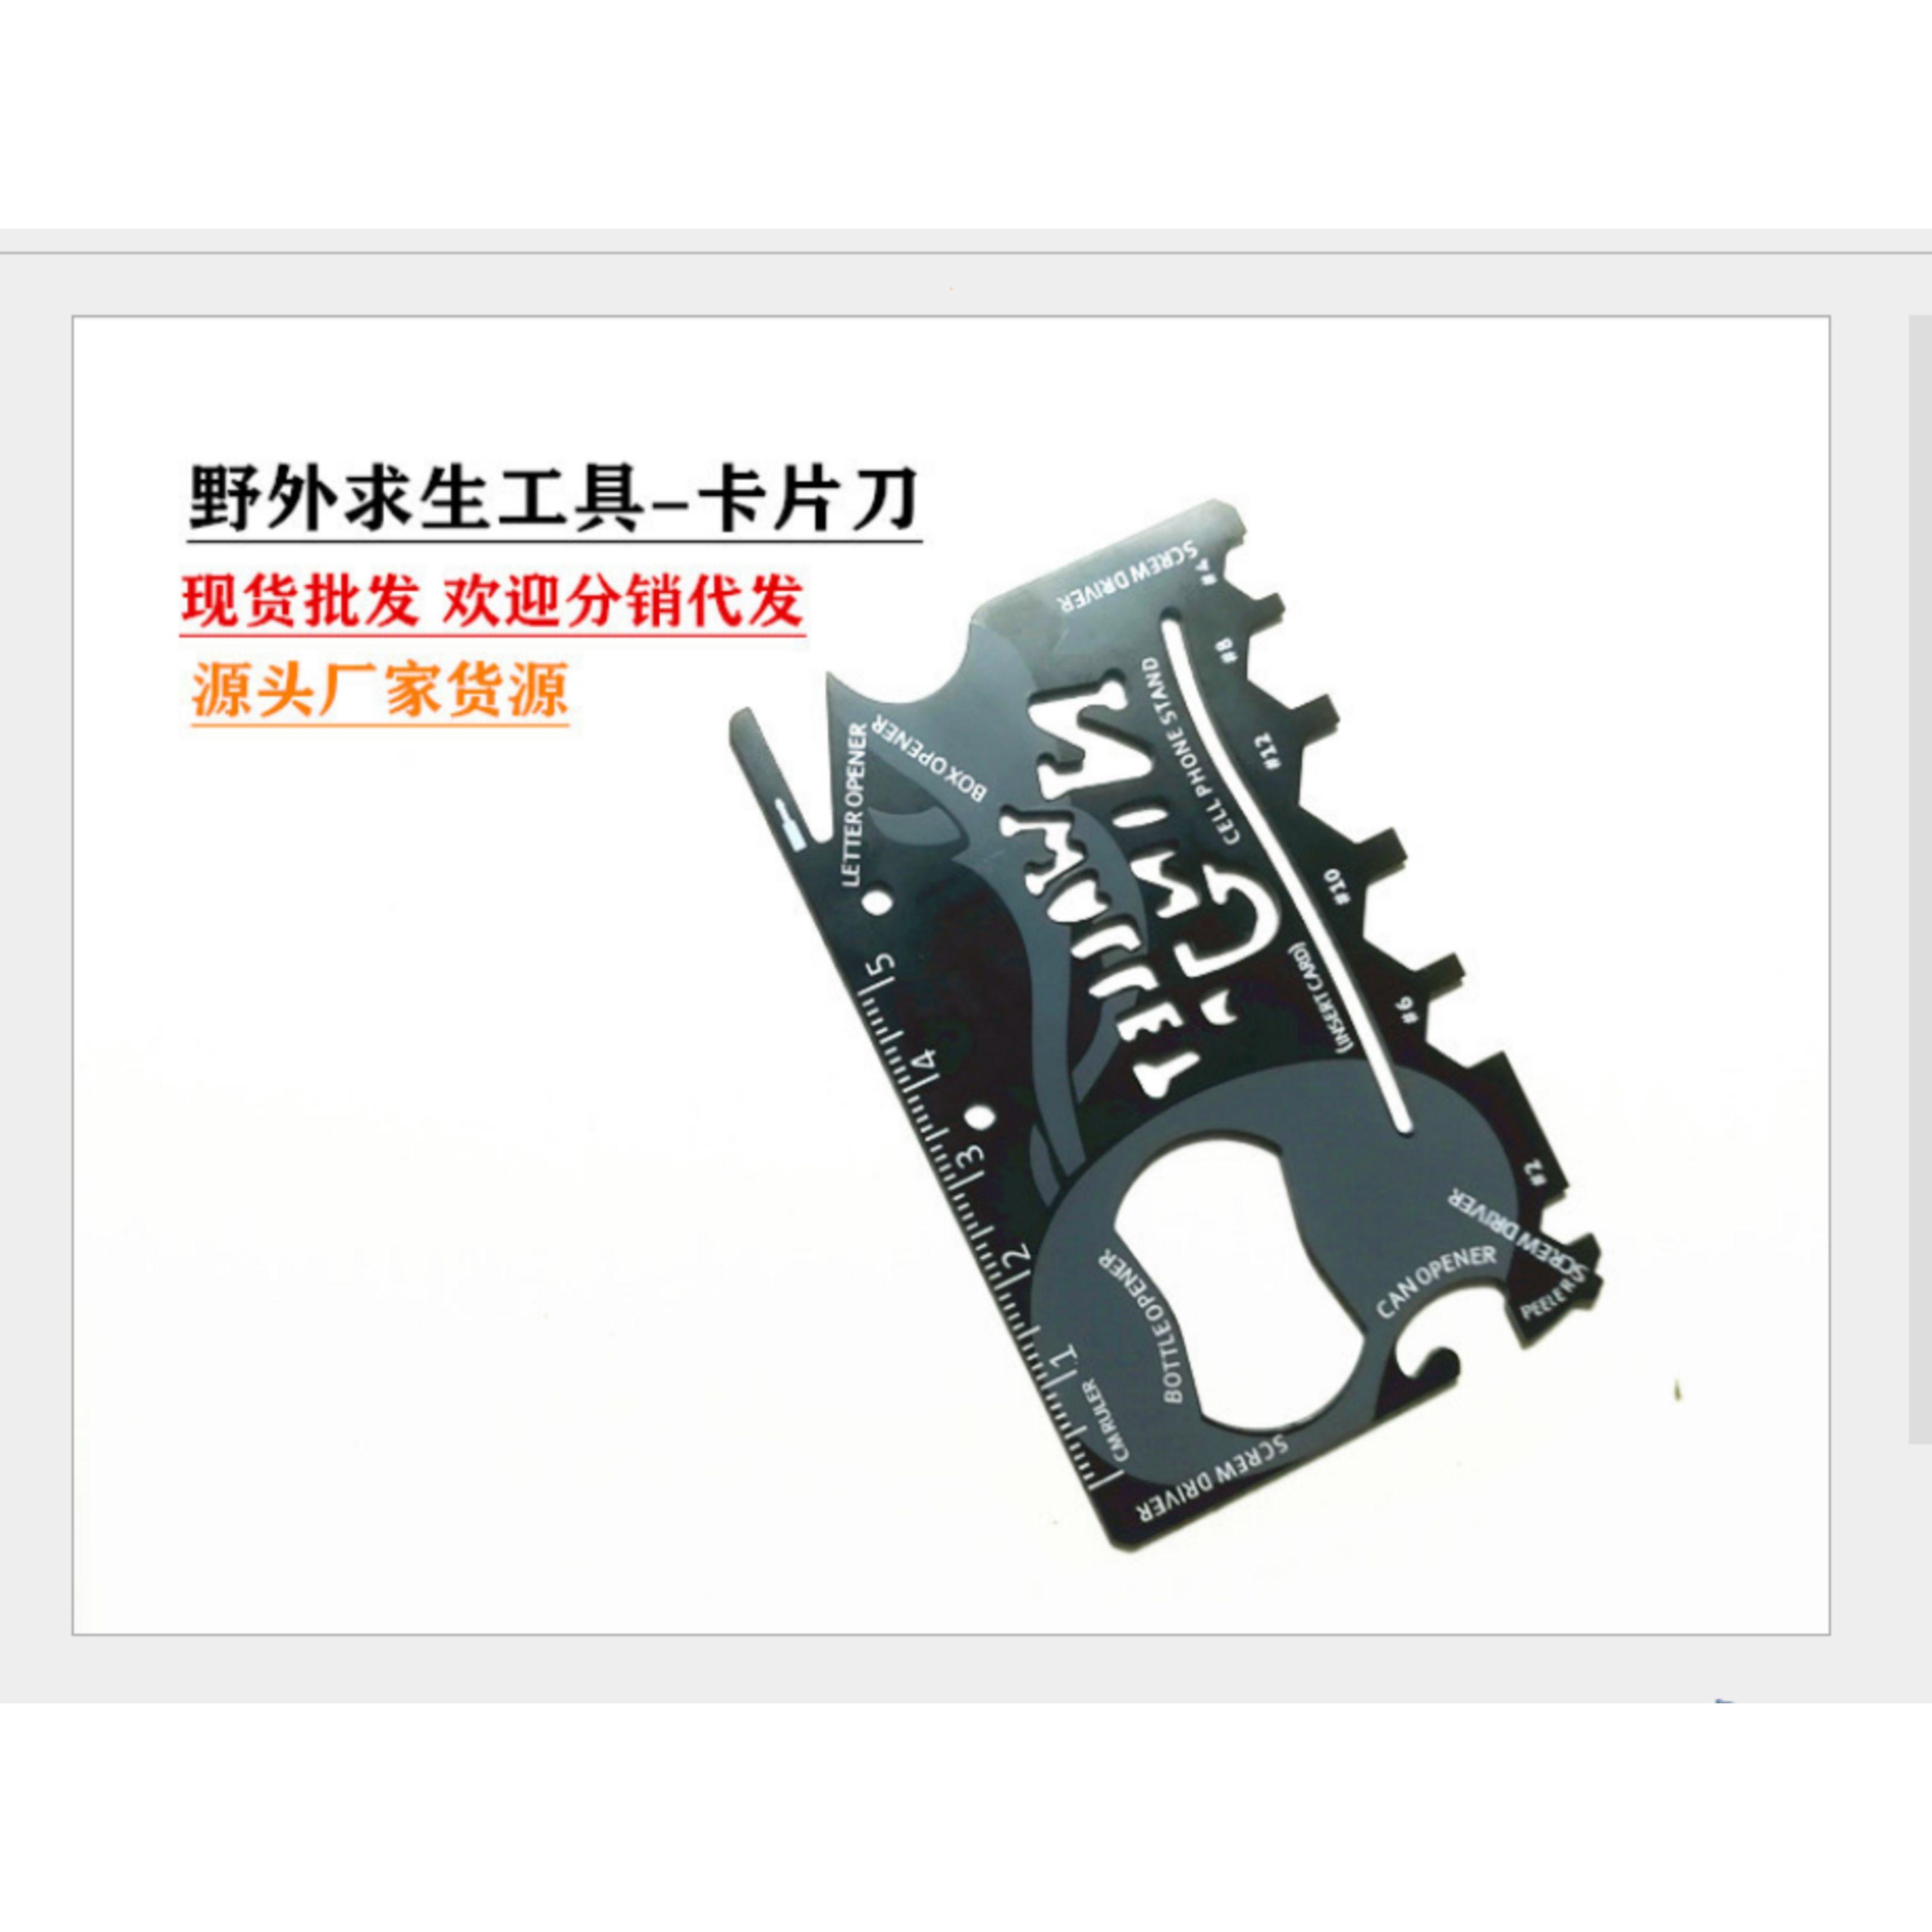 不锈钢工具 卡户外野营求生卡片工具